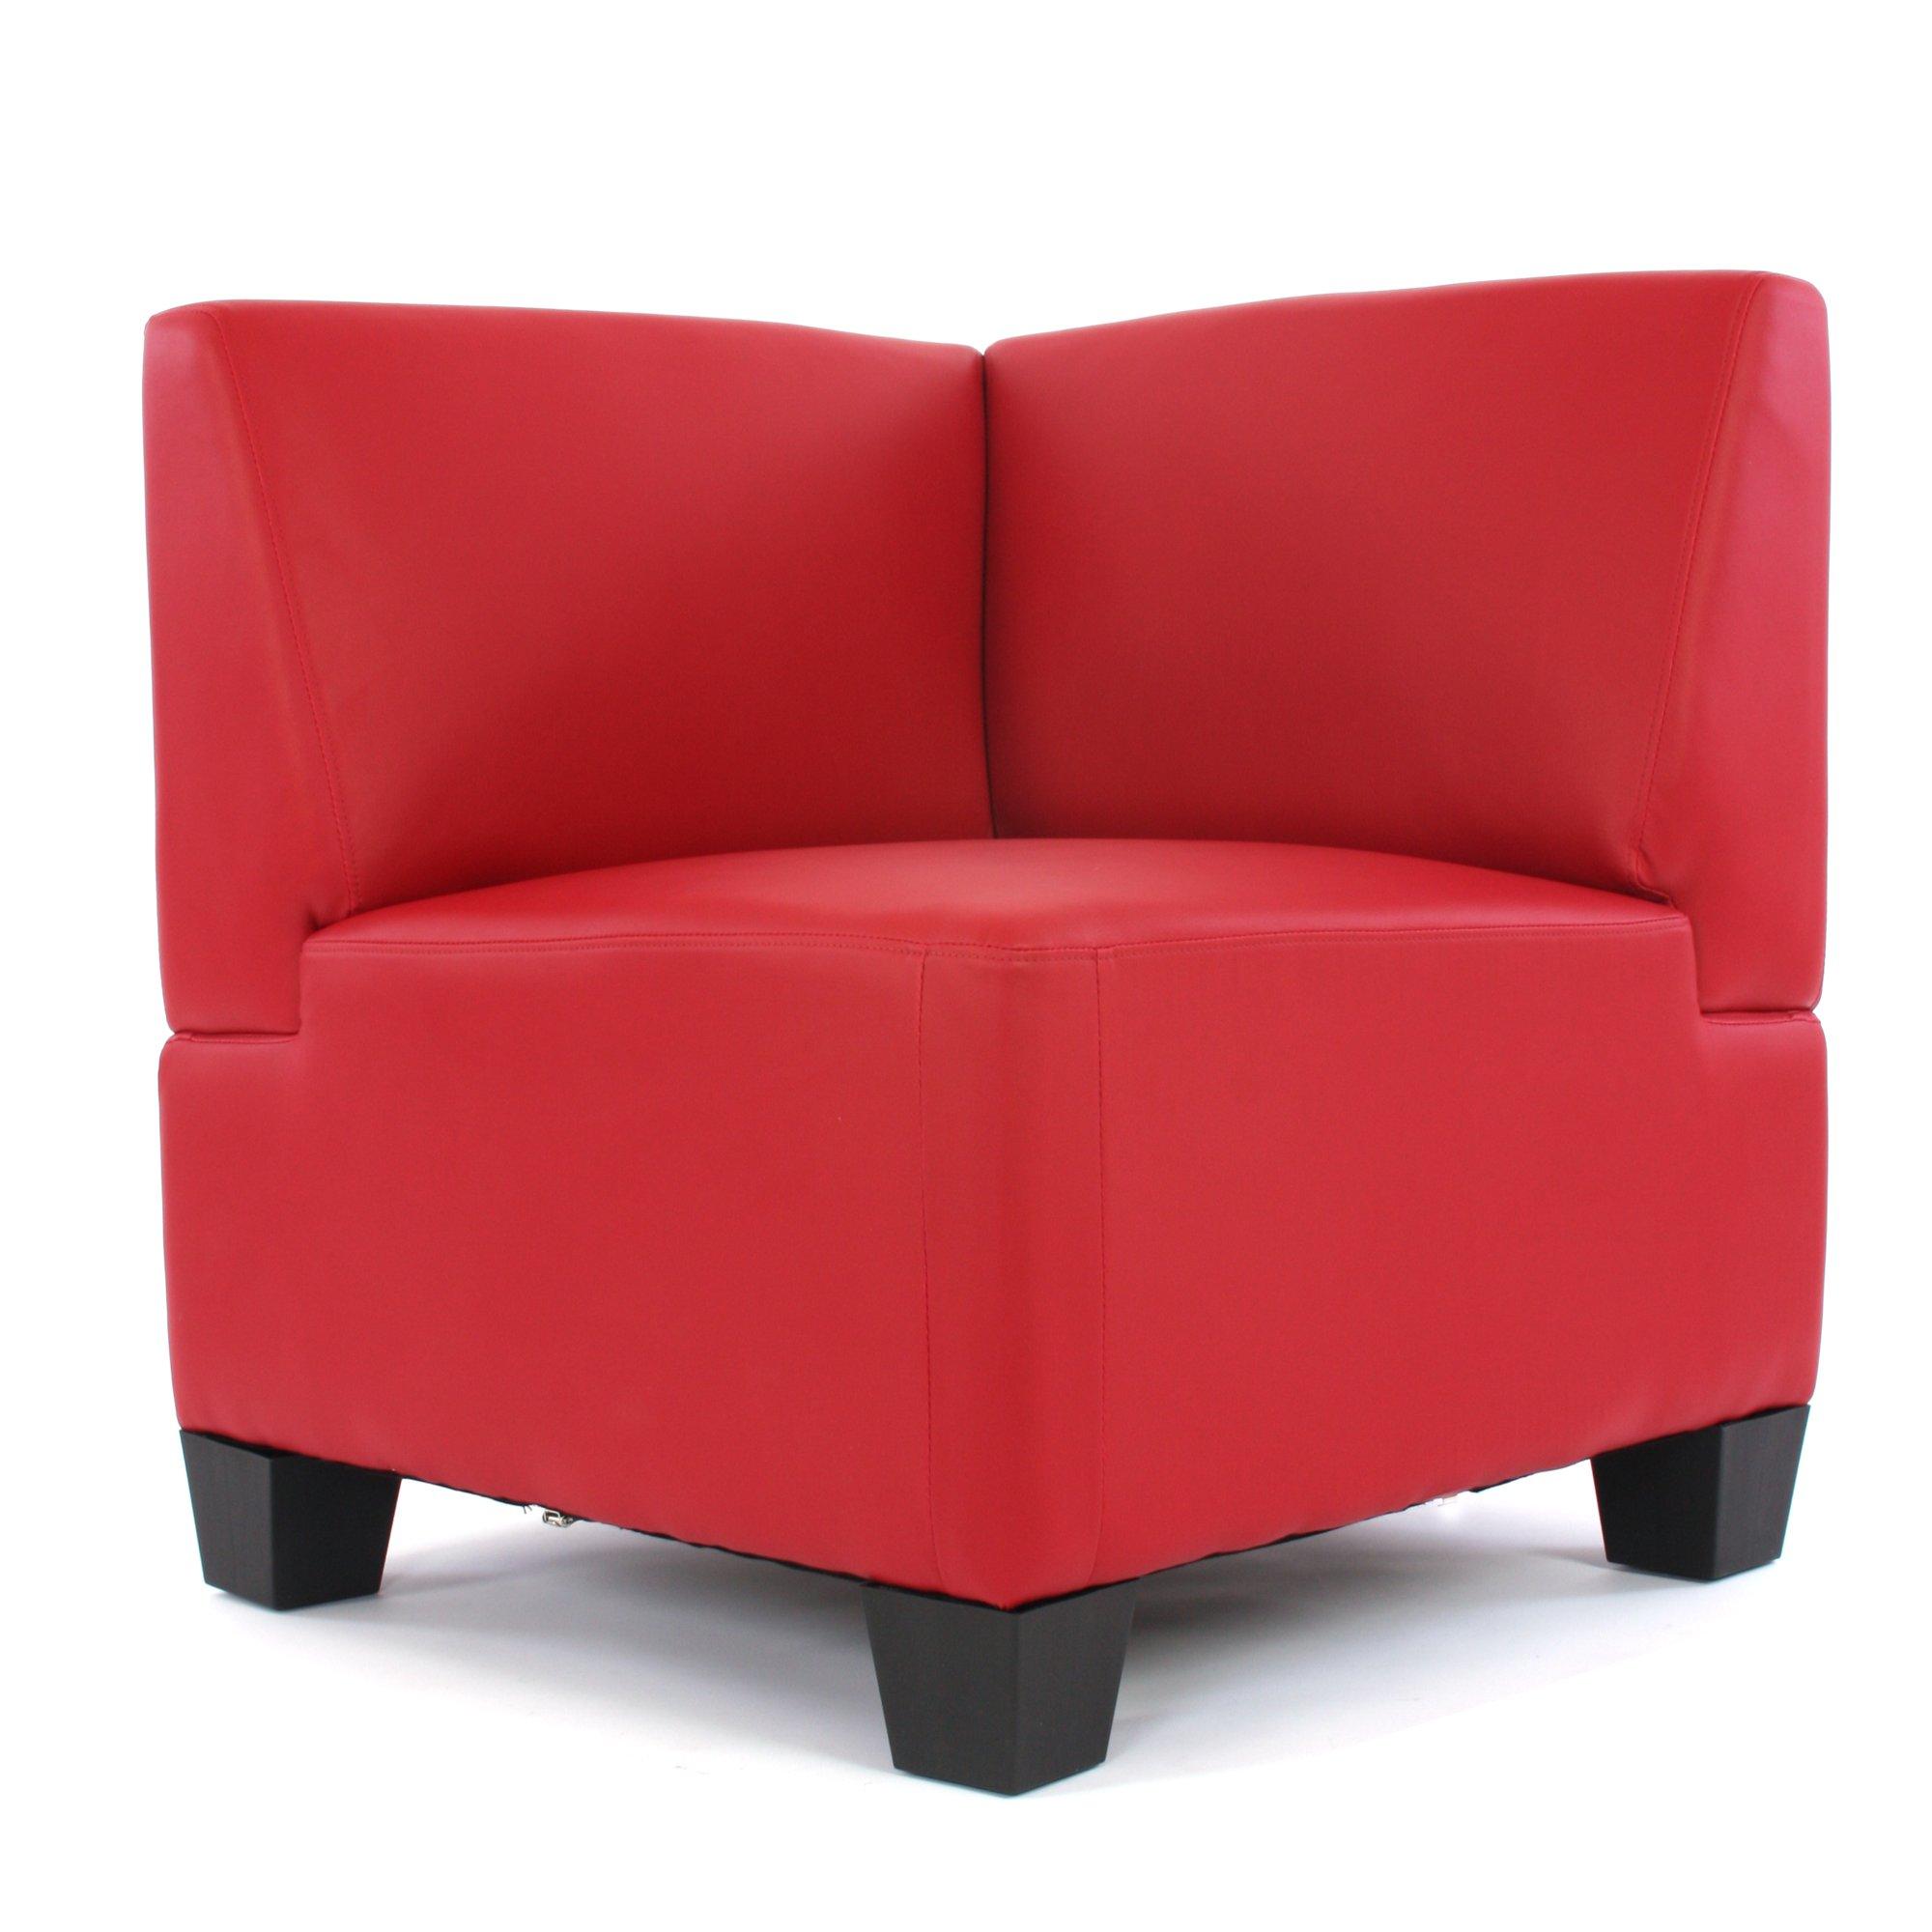 Sof esquinero modular lyon en cuero sint tico rojo sofa for Sofa piel esquinero